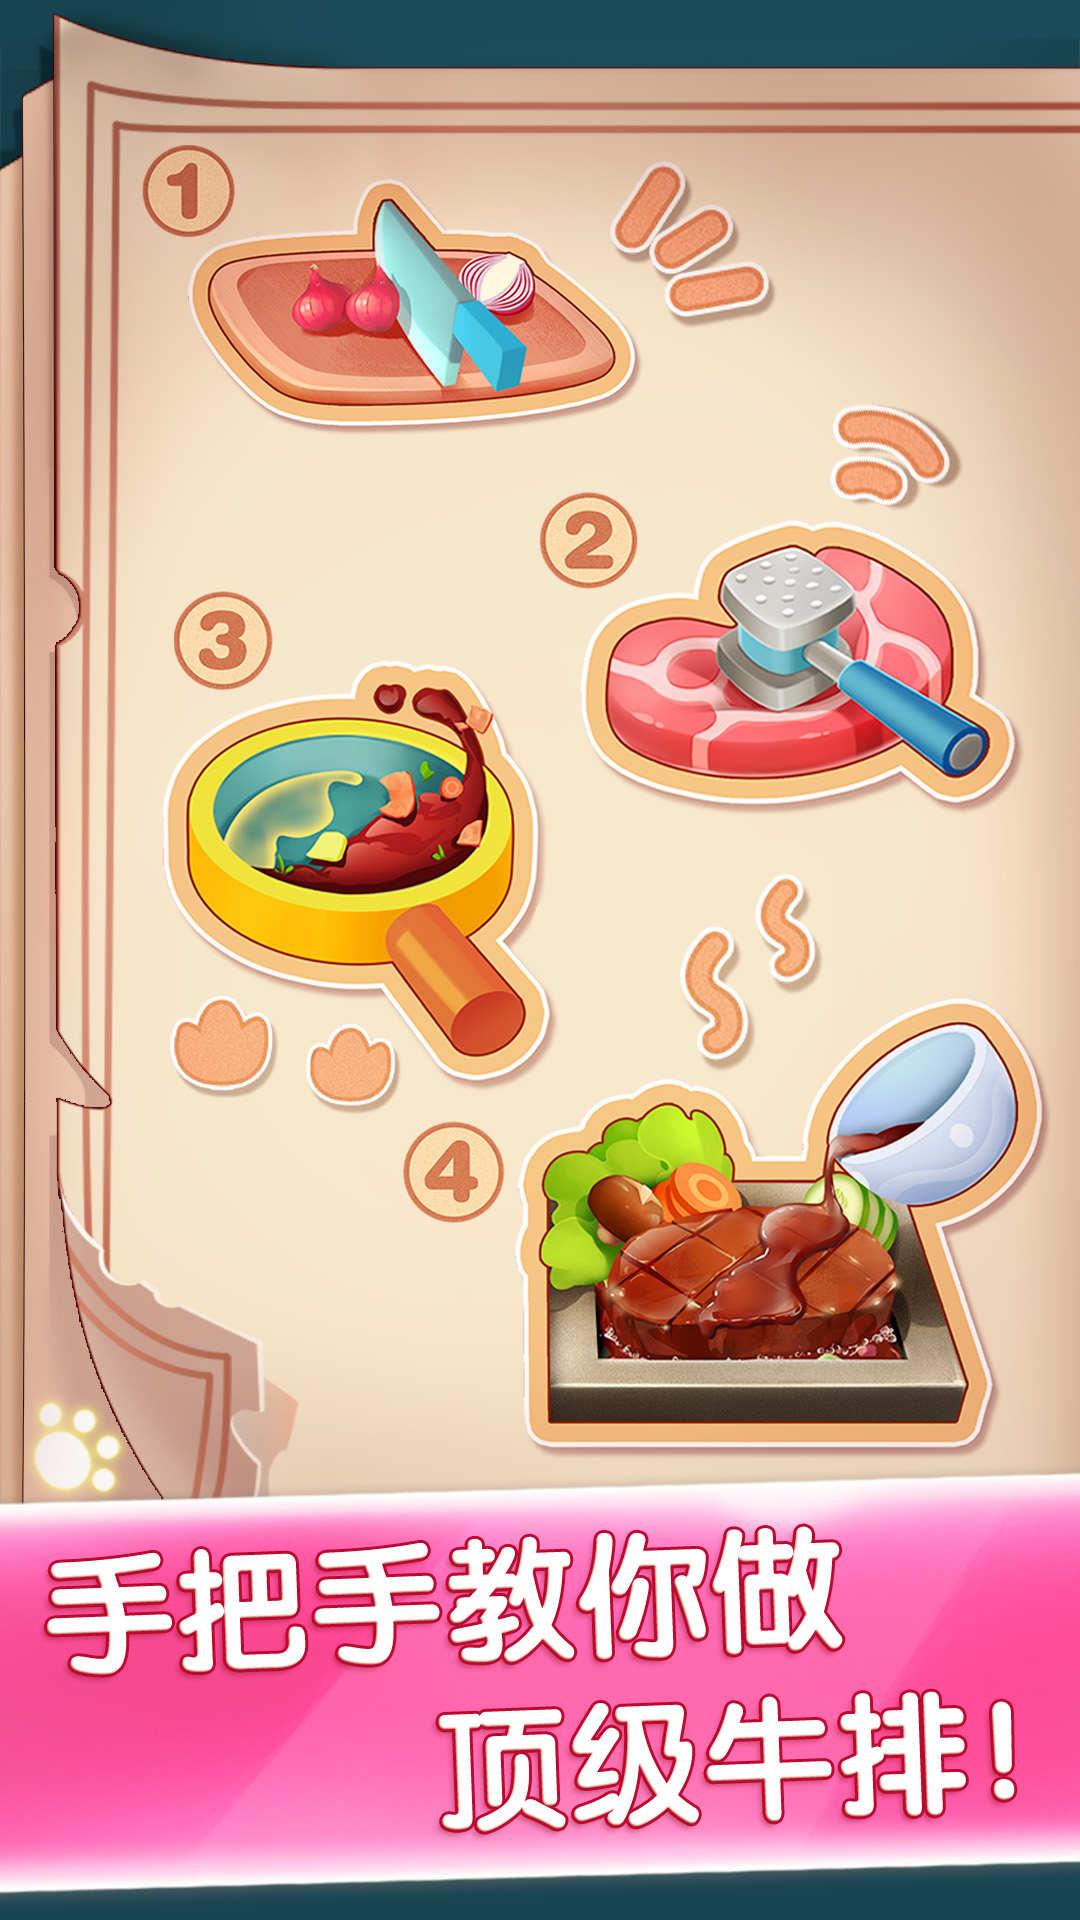 奇妙美食餐厅 V9.21.00.00 安卓版截图4